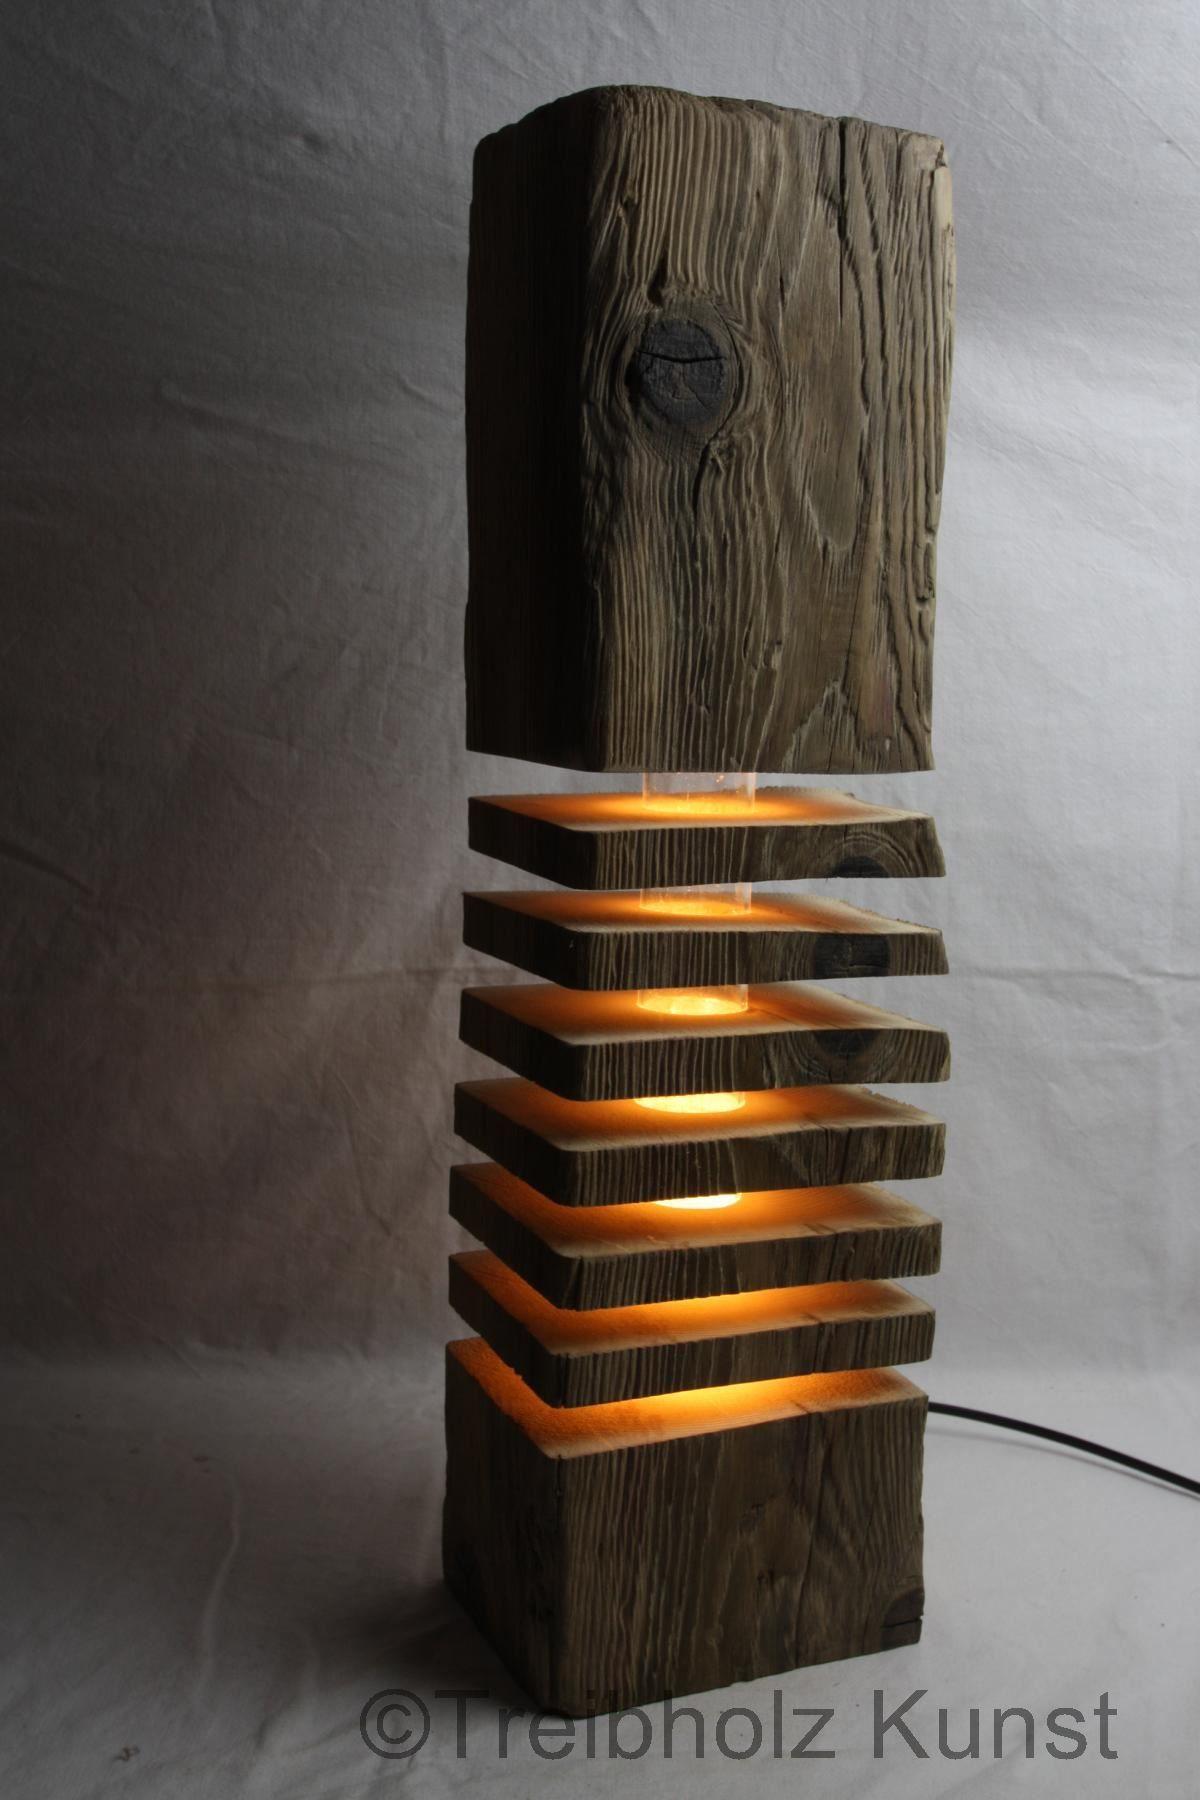 einmalige Treibholz Lampen  wwwtreibholzbodenseede  Schwemmholz Lampen  Einrichten und